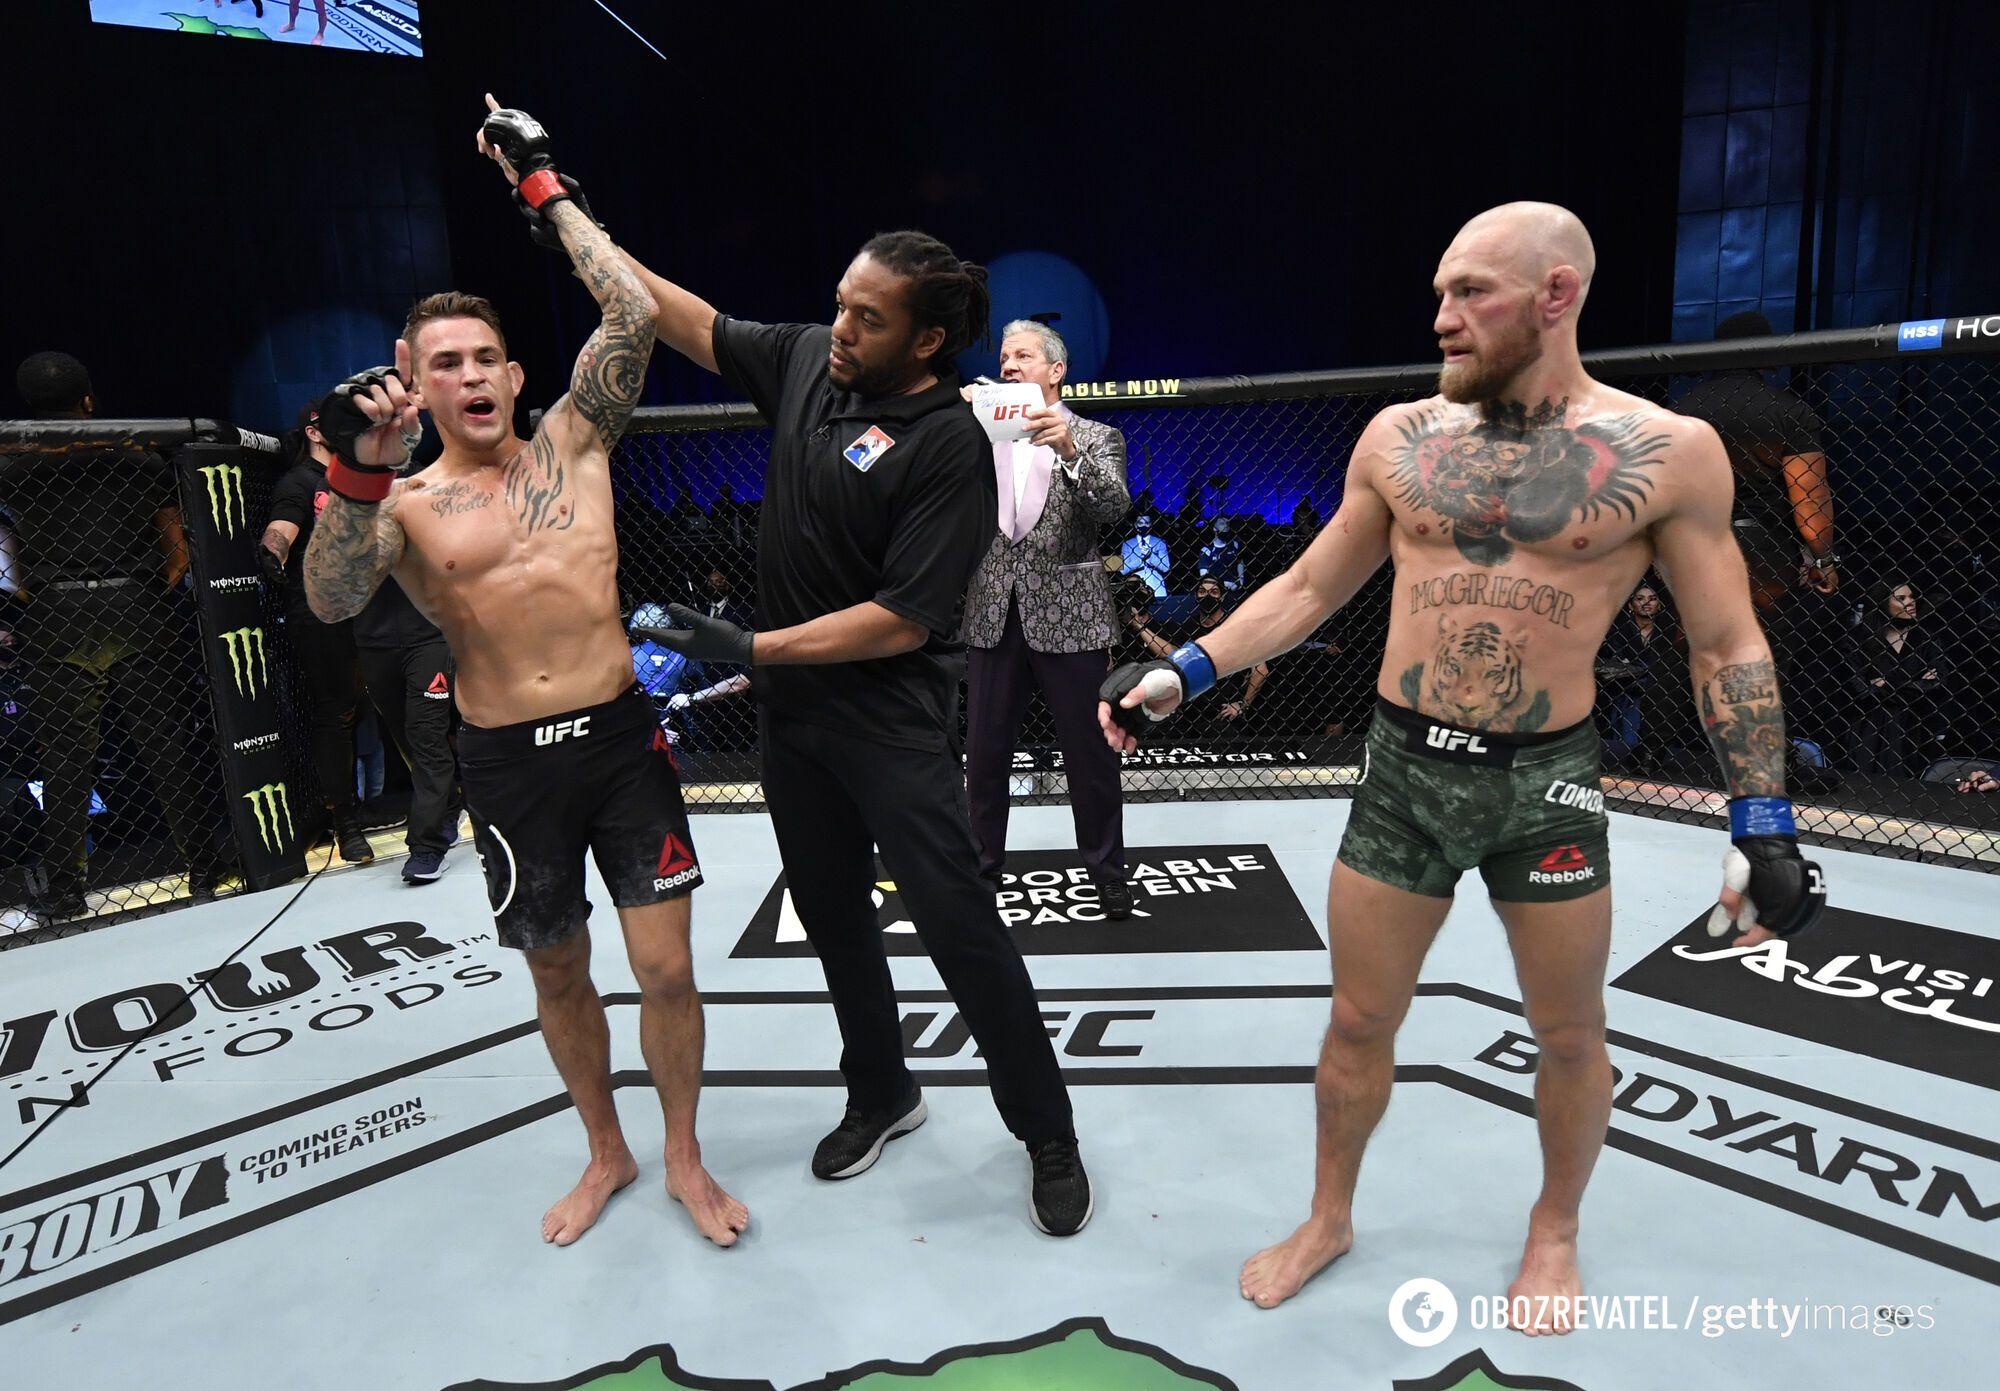 Порье победил в главном бою UFC 257.